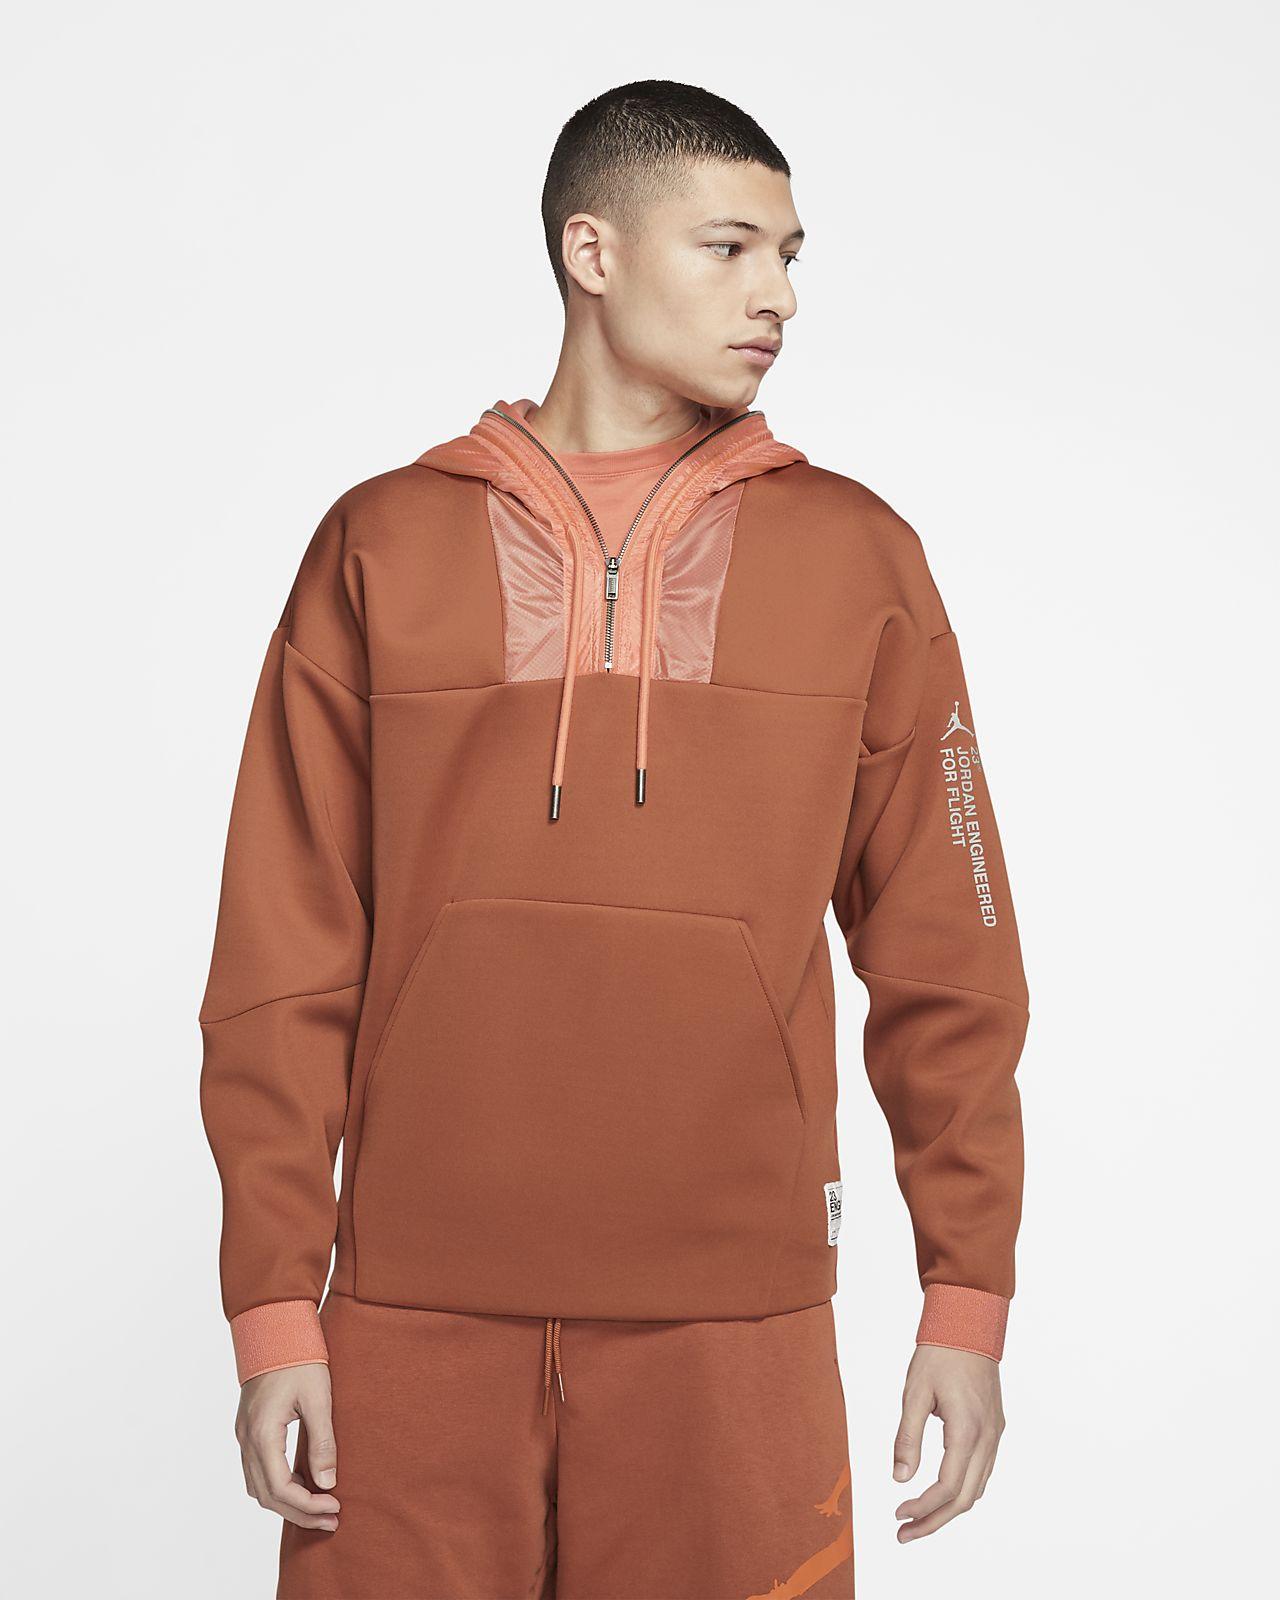 Jordan 23 Engineered-pullover-hættetrøje med lynlås i halv længde